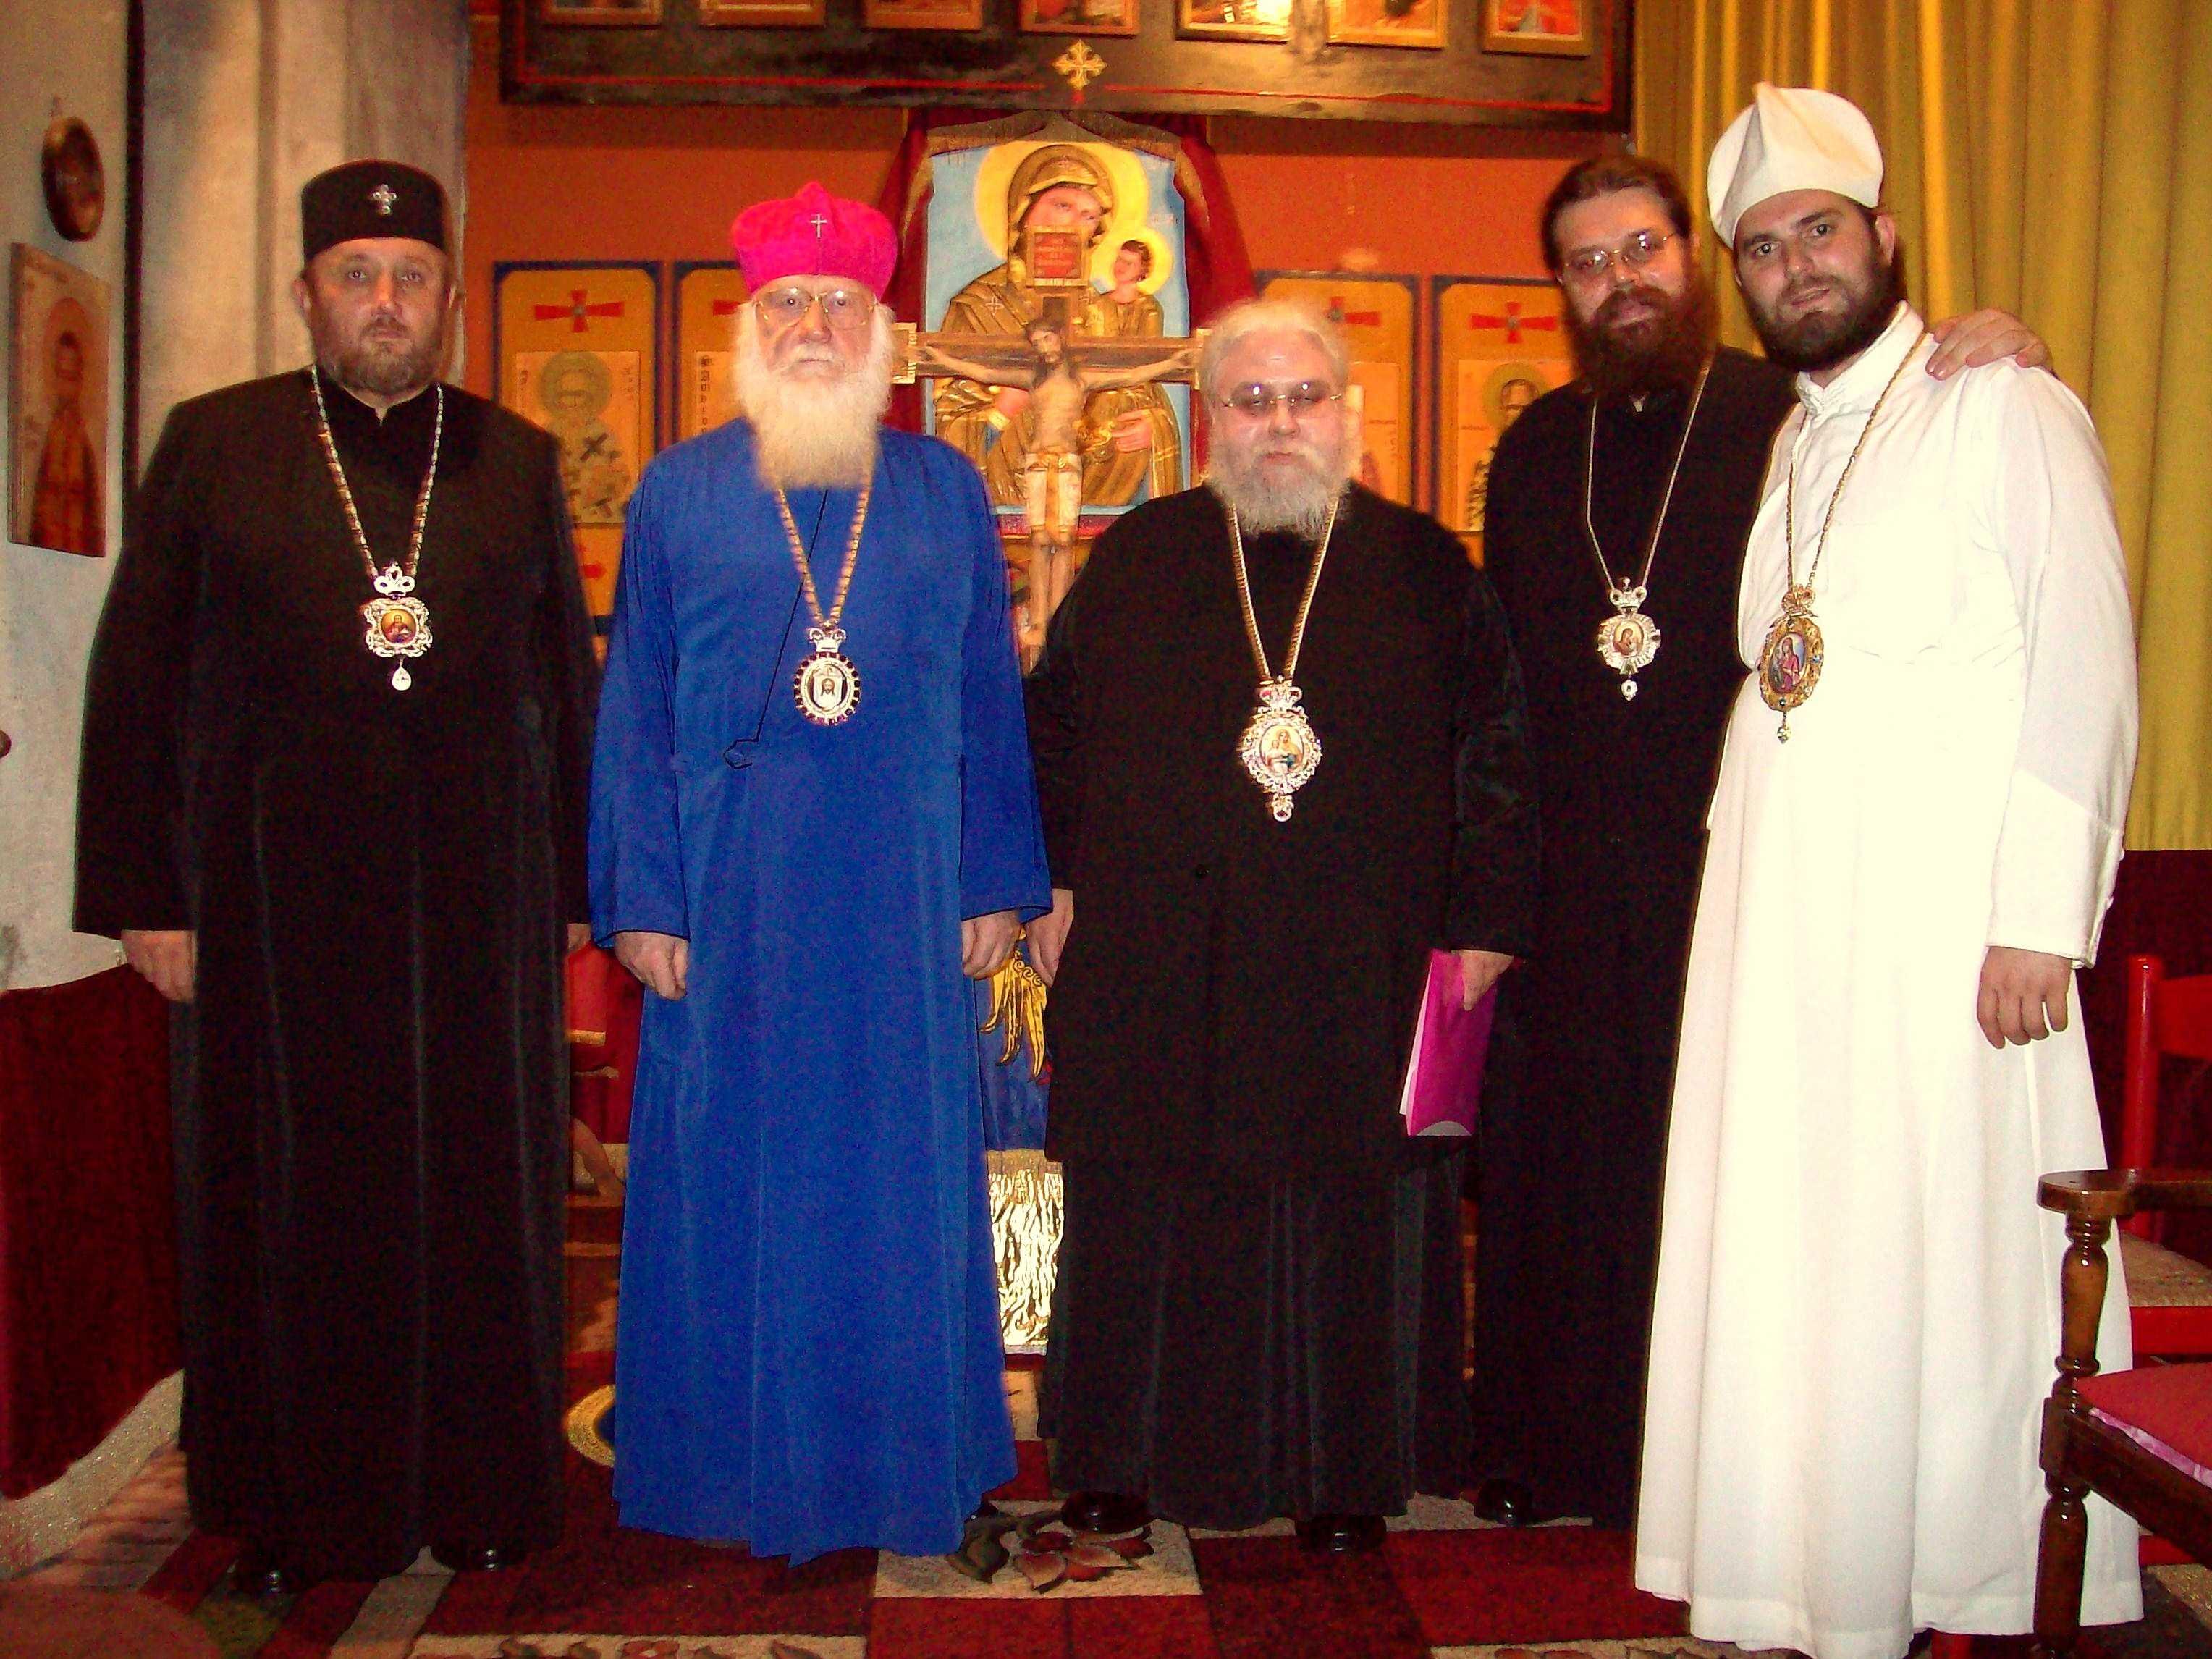 Ex – preotul stilisto-ecumenist Florian Bichir face lobby in Evenimentul Zilei fratiorilor sai de la SINODUL TALHARESC DIN MILANO